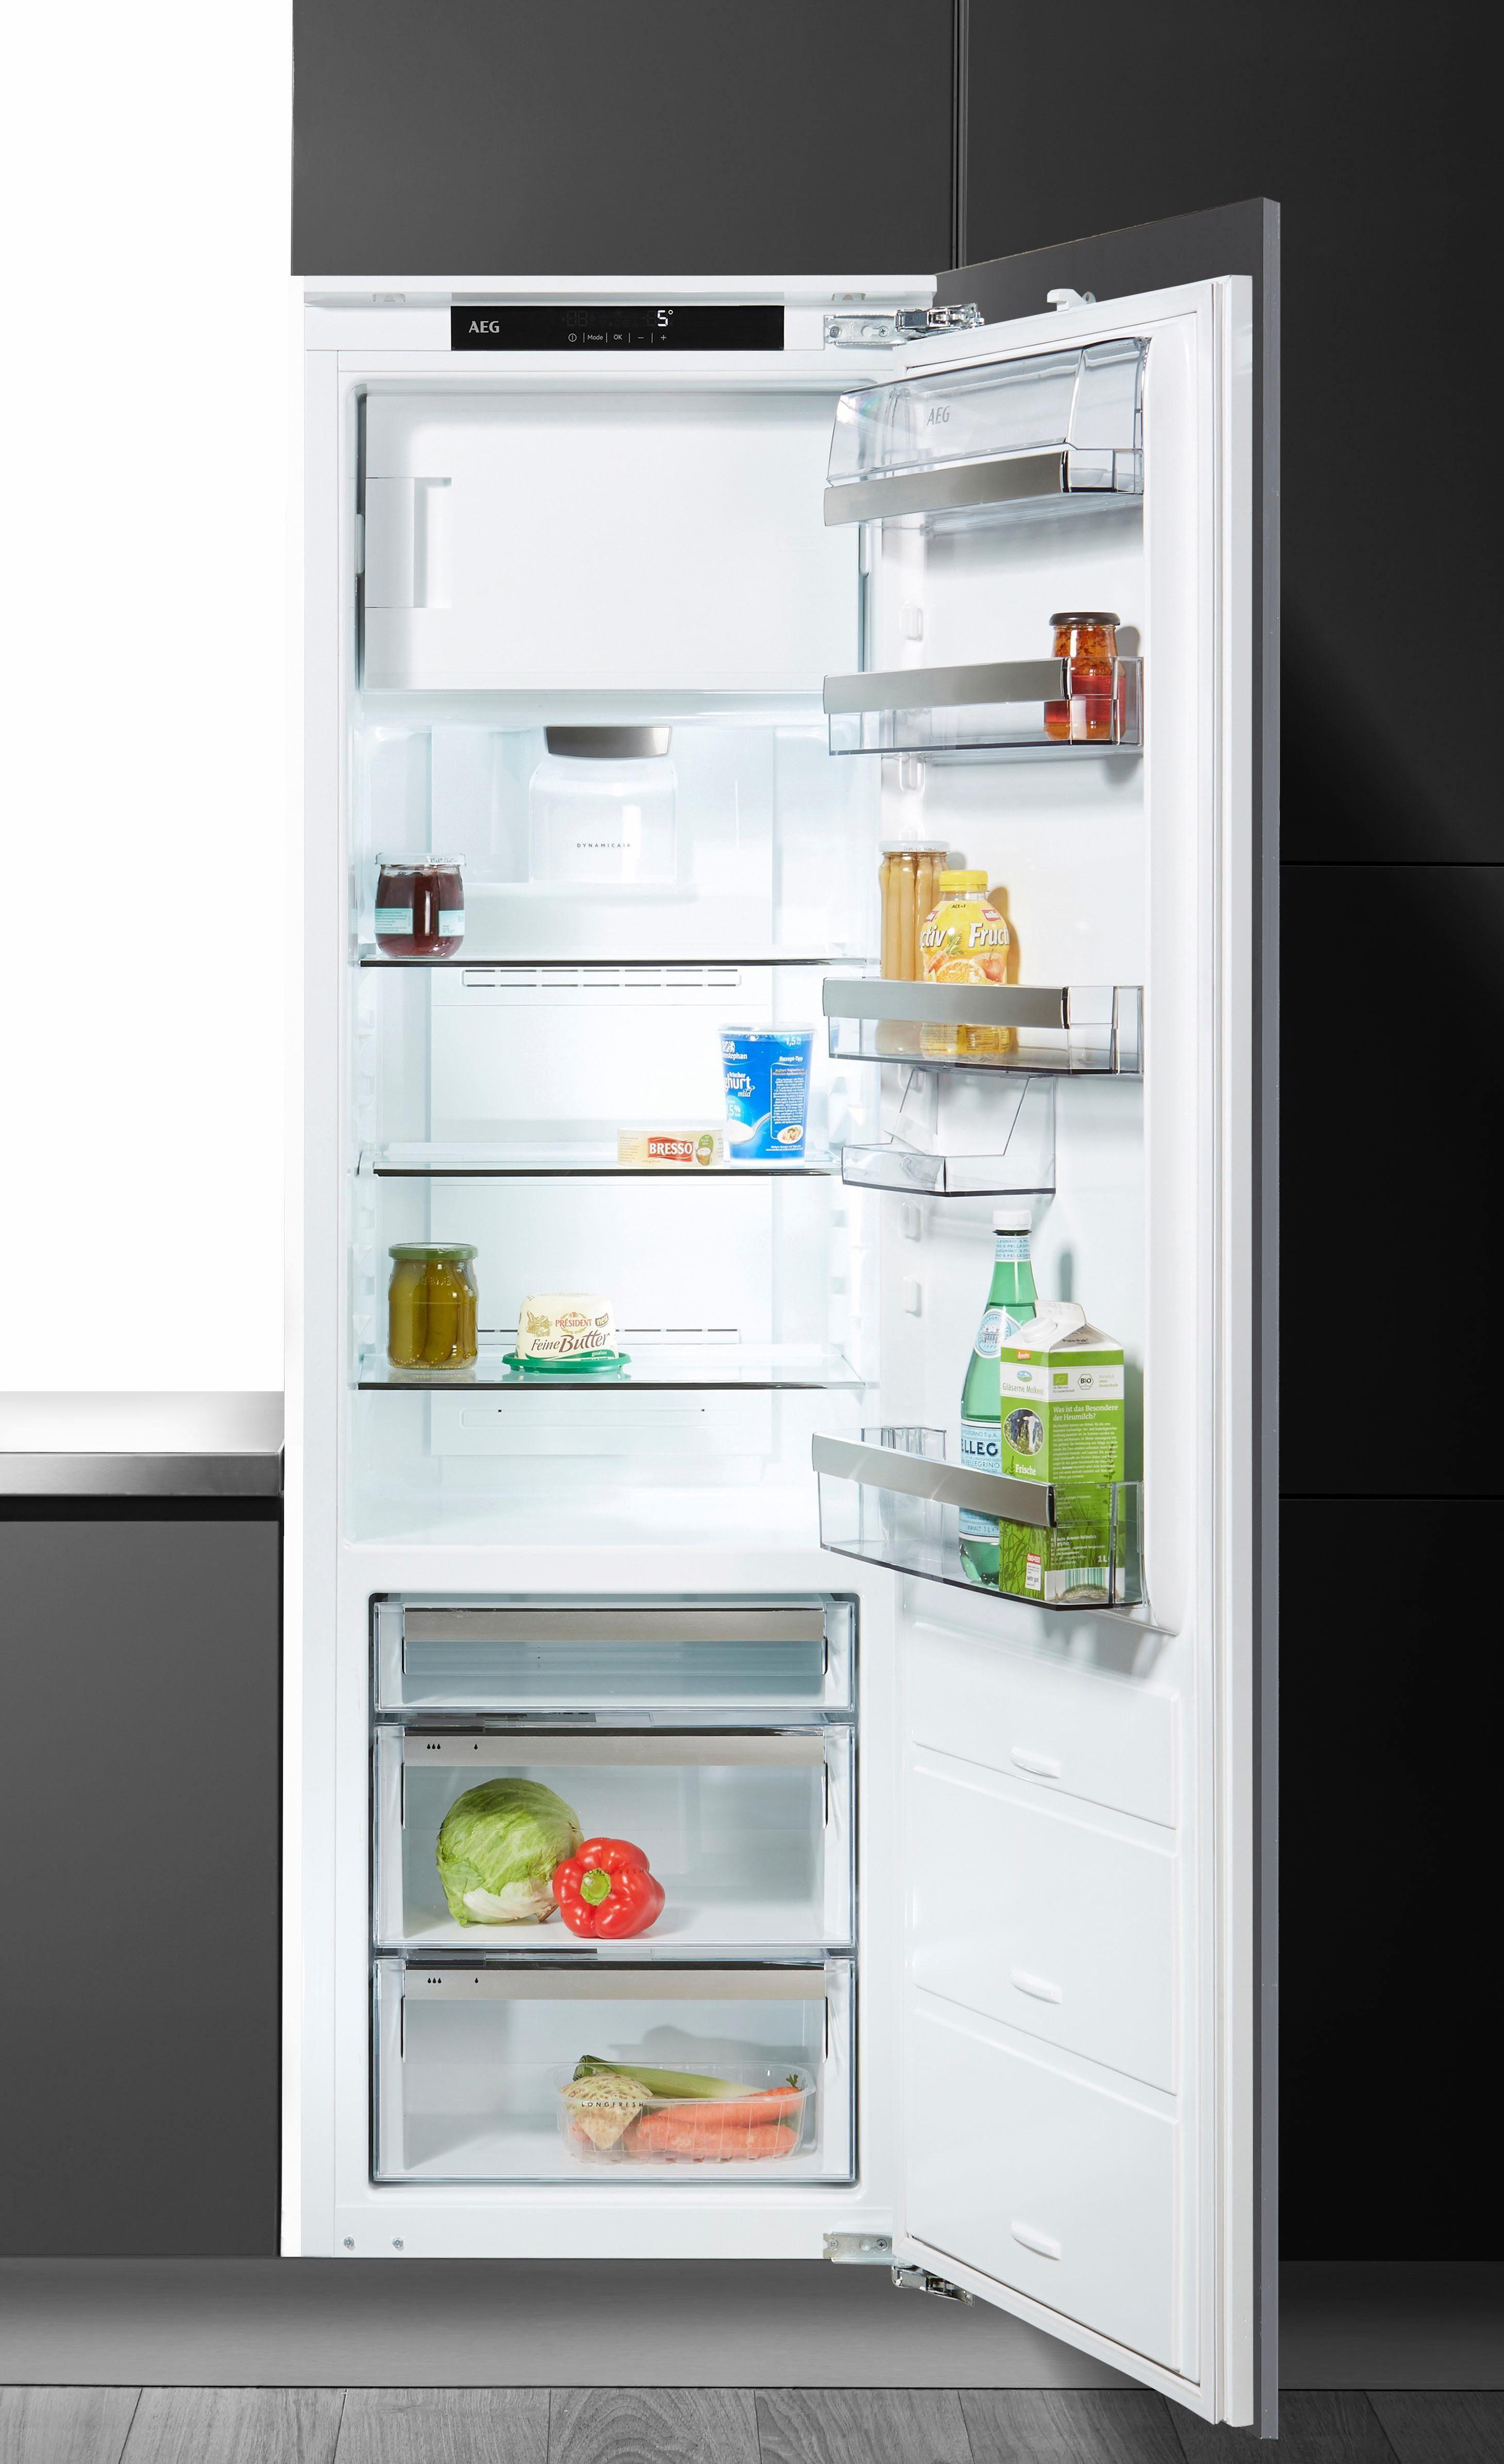 AEG integrierbarer Einbau-Kühlschrank SANTO SFE81826ZC, A++, 178 cm hoch